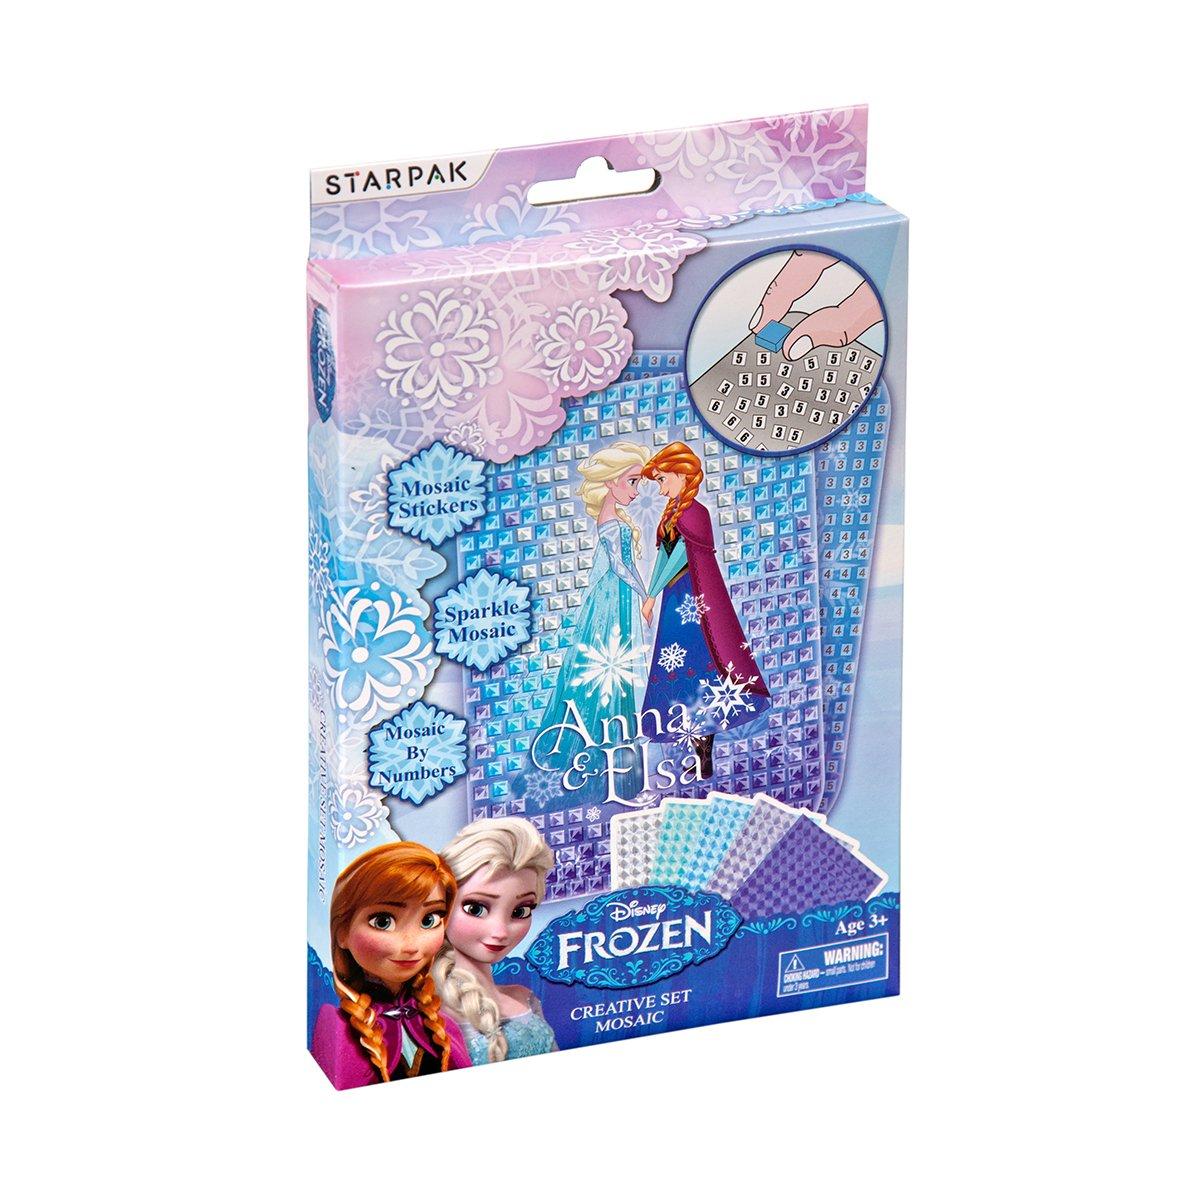 Set creativ Mosaic Starpak, Disney Frozen